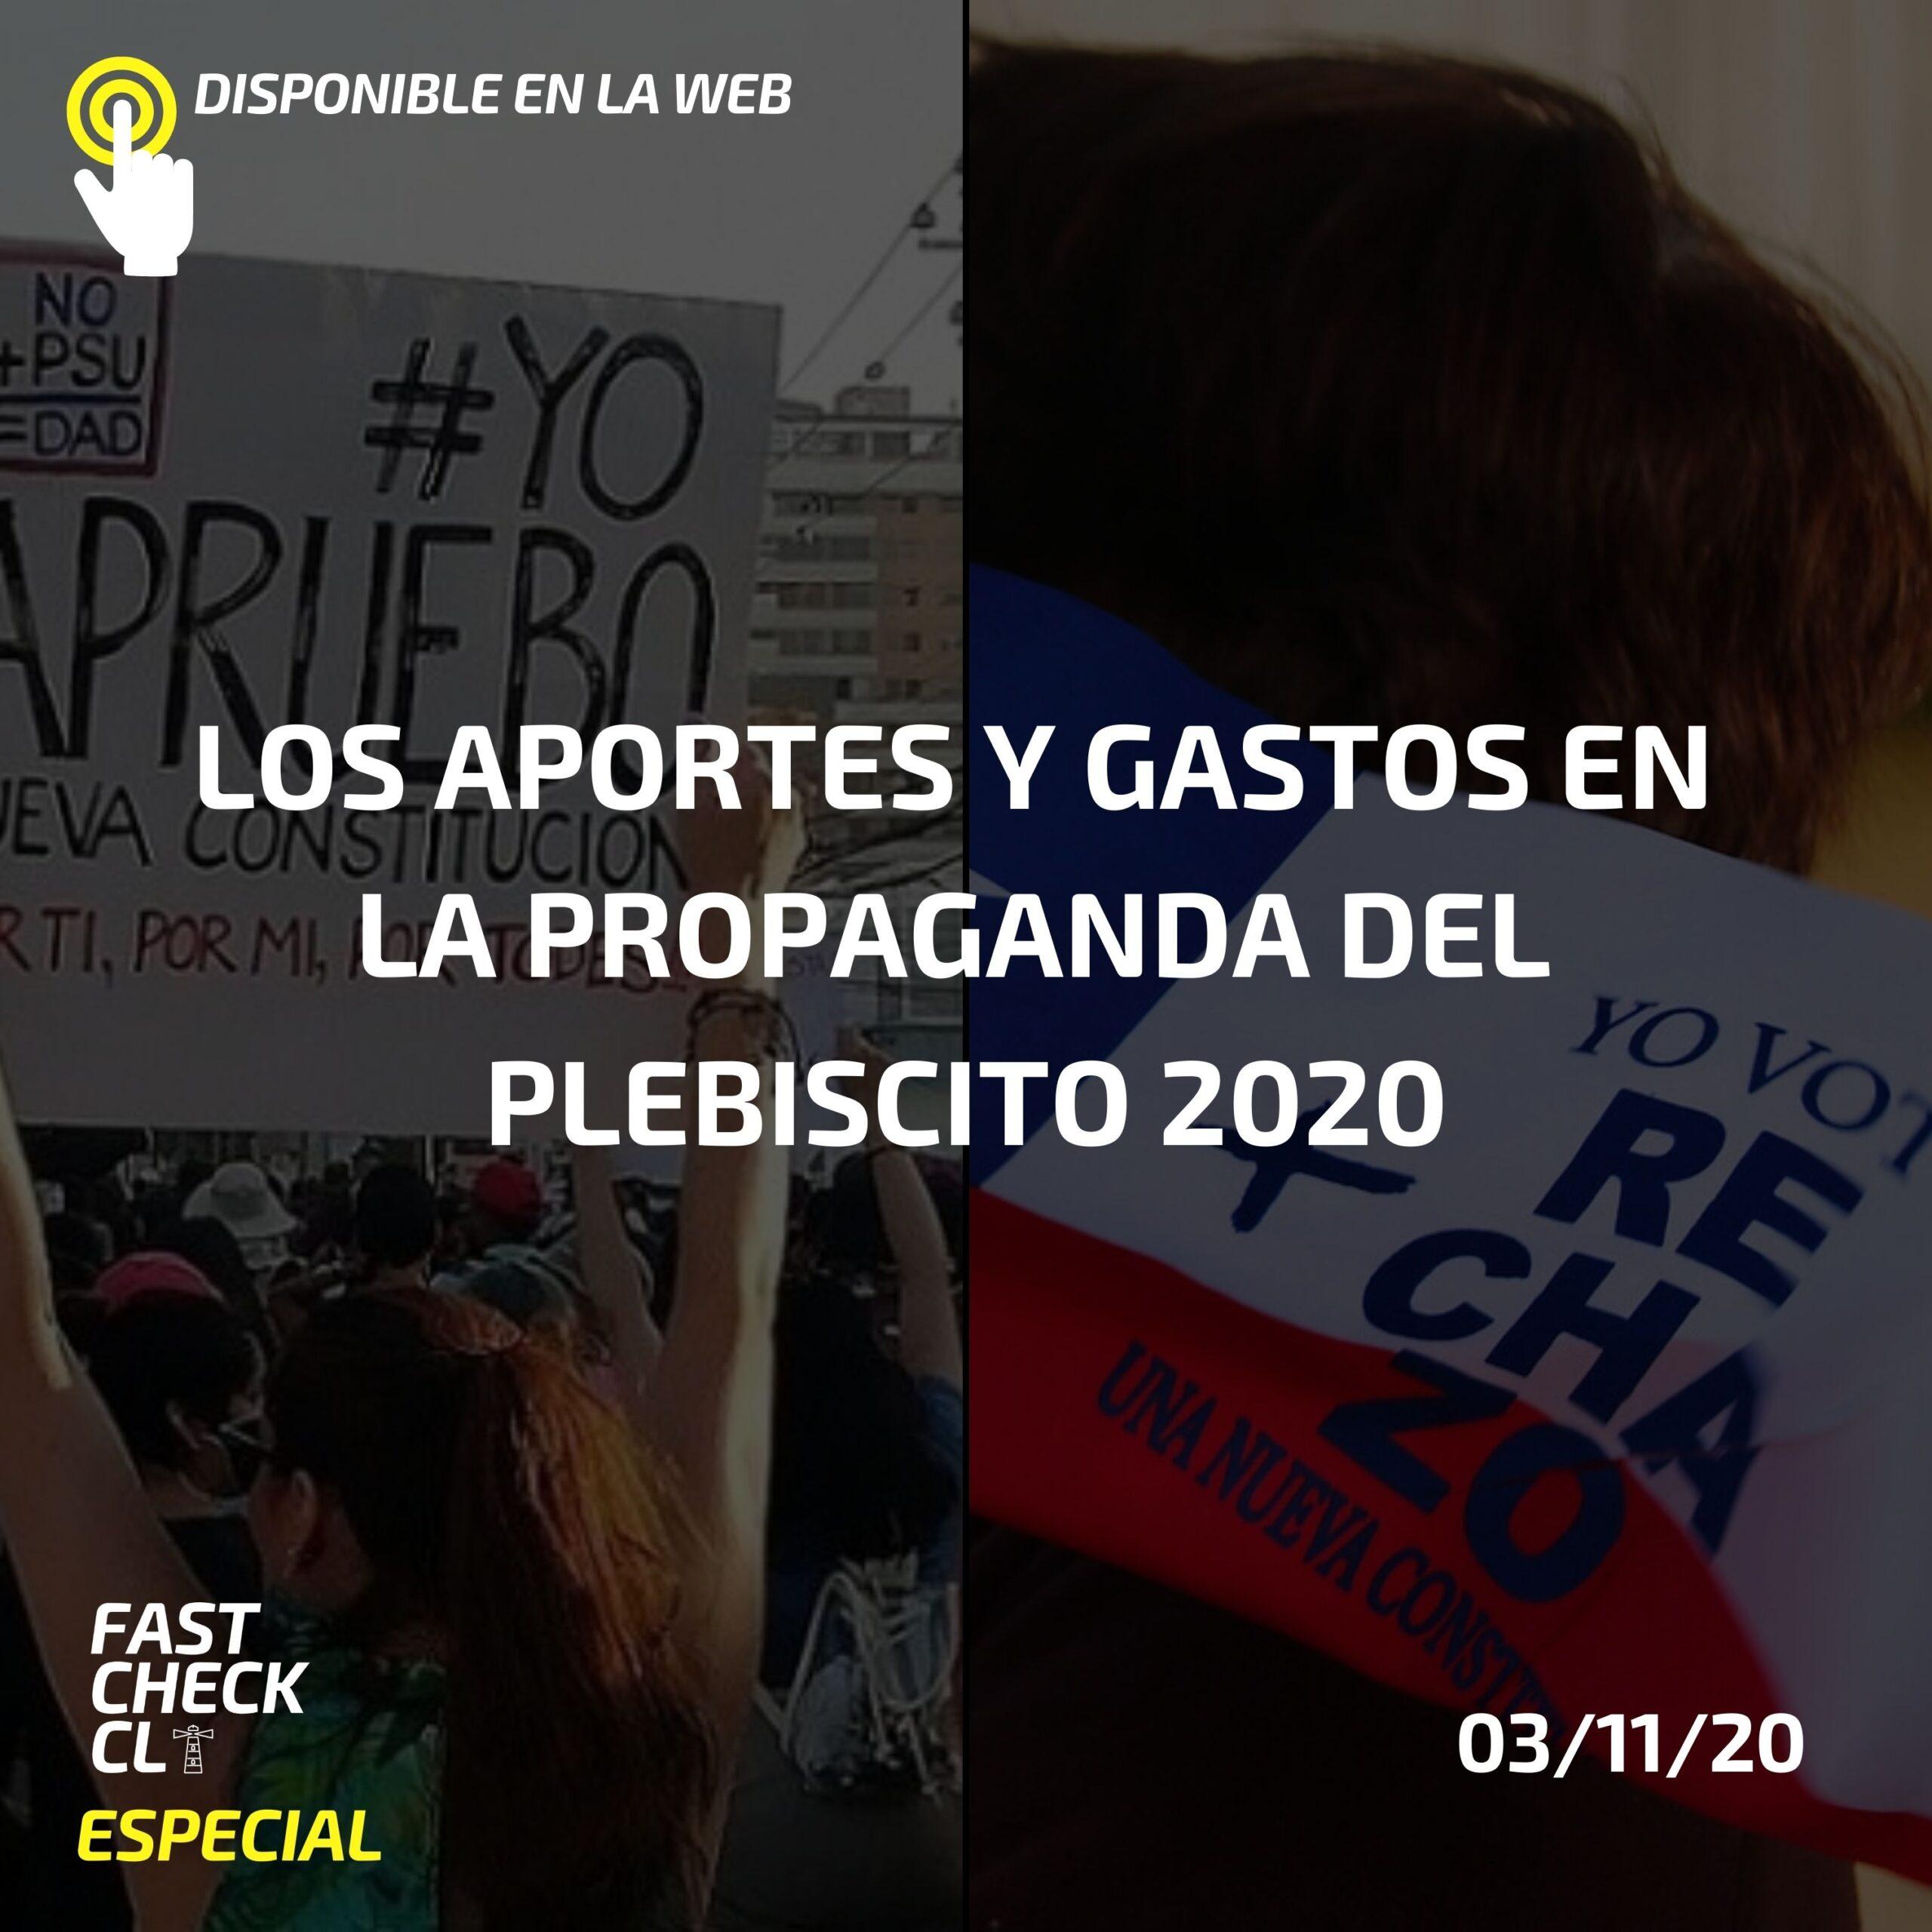 Los aportes y gastos en la propaganda del Plebiscito 2020